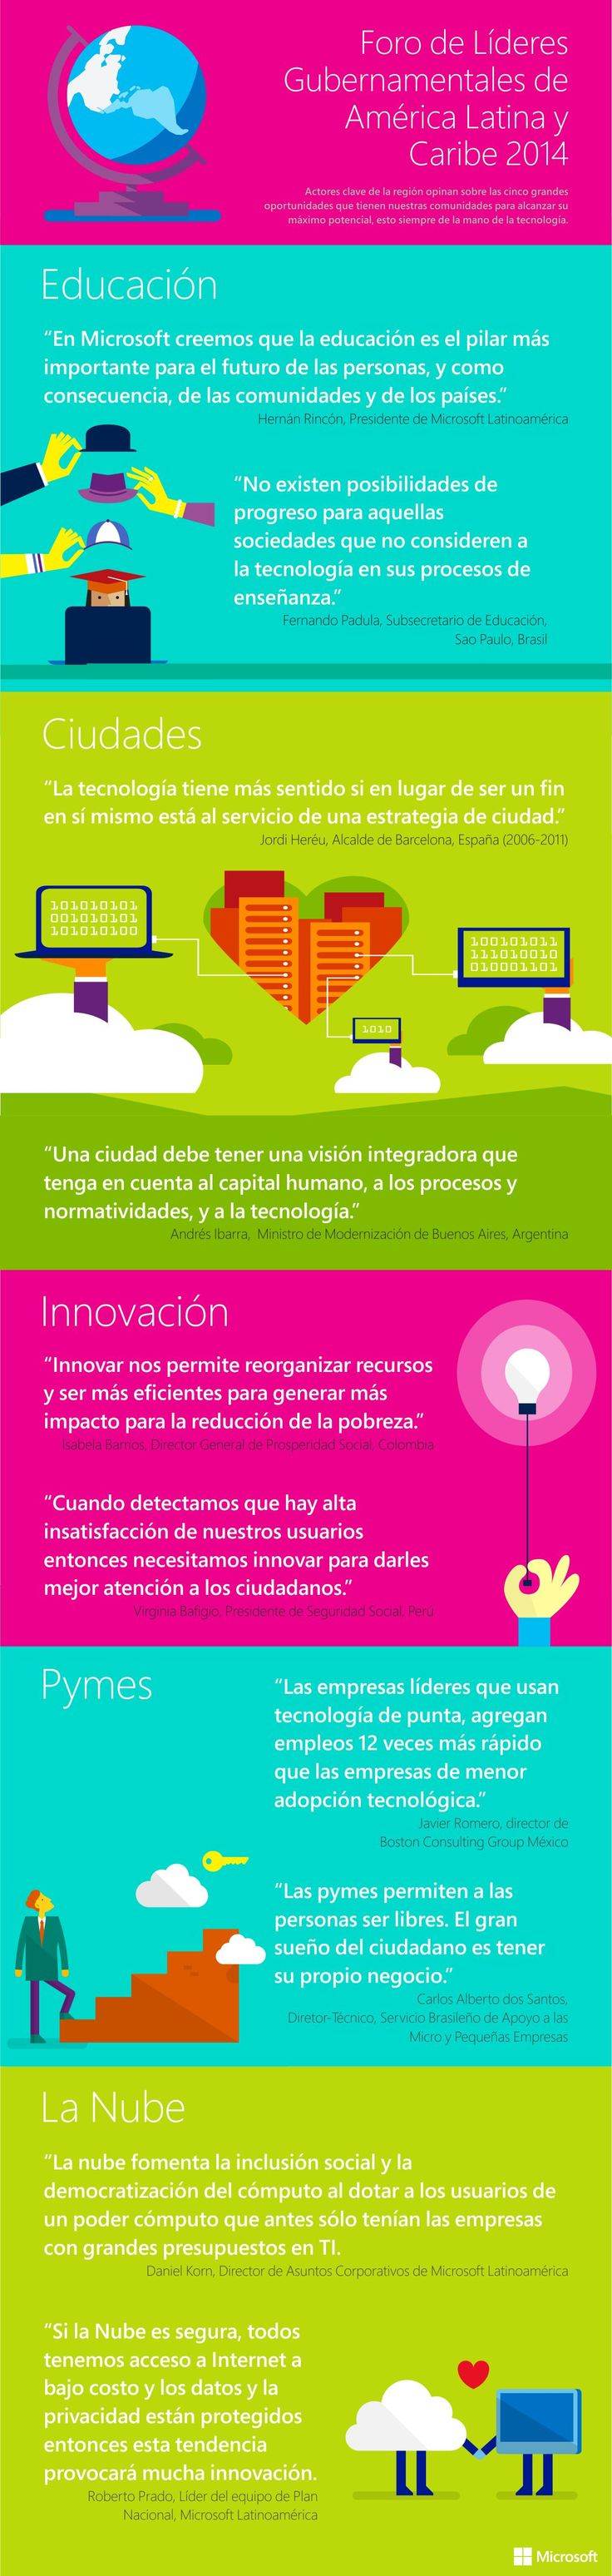 10 frases sobre tecnología. #infografia